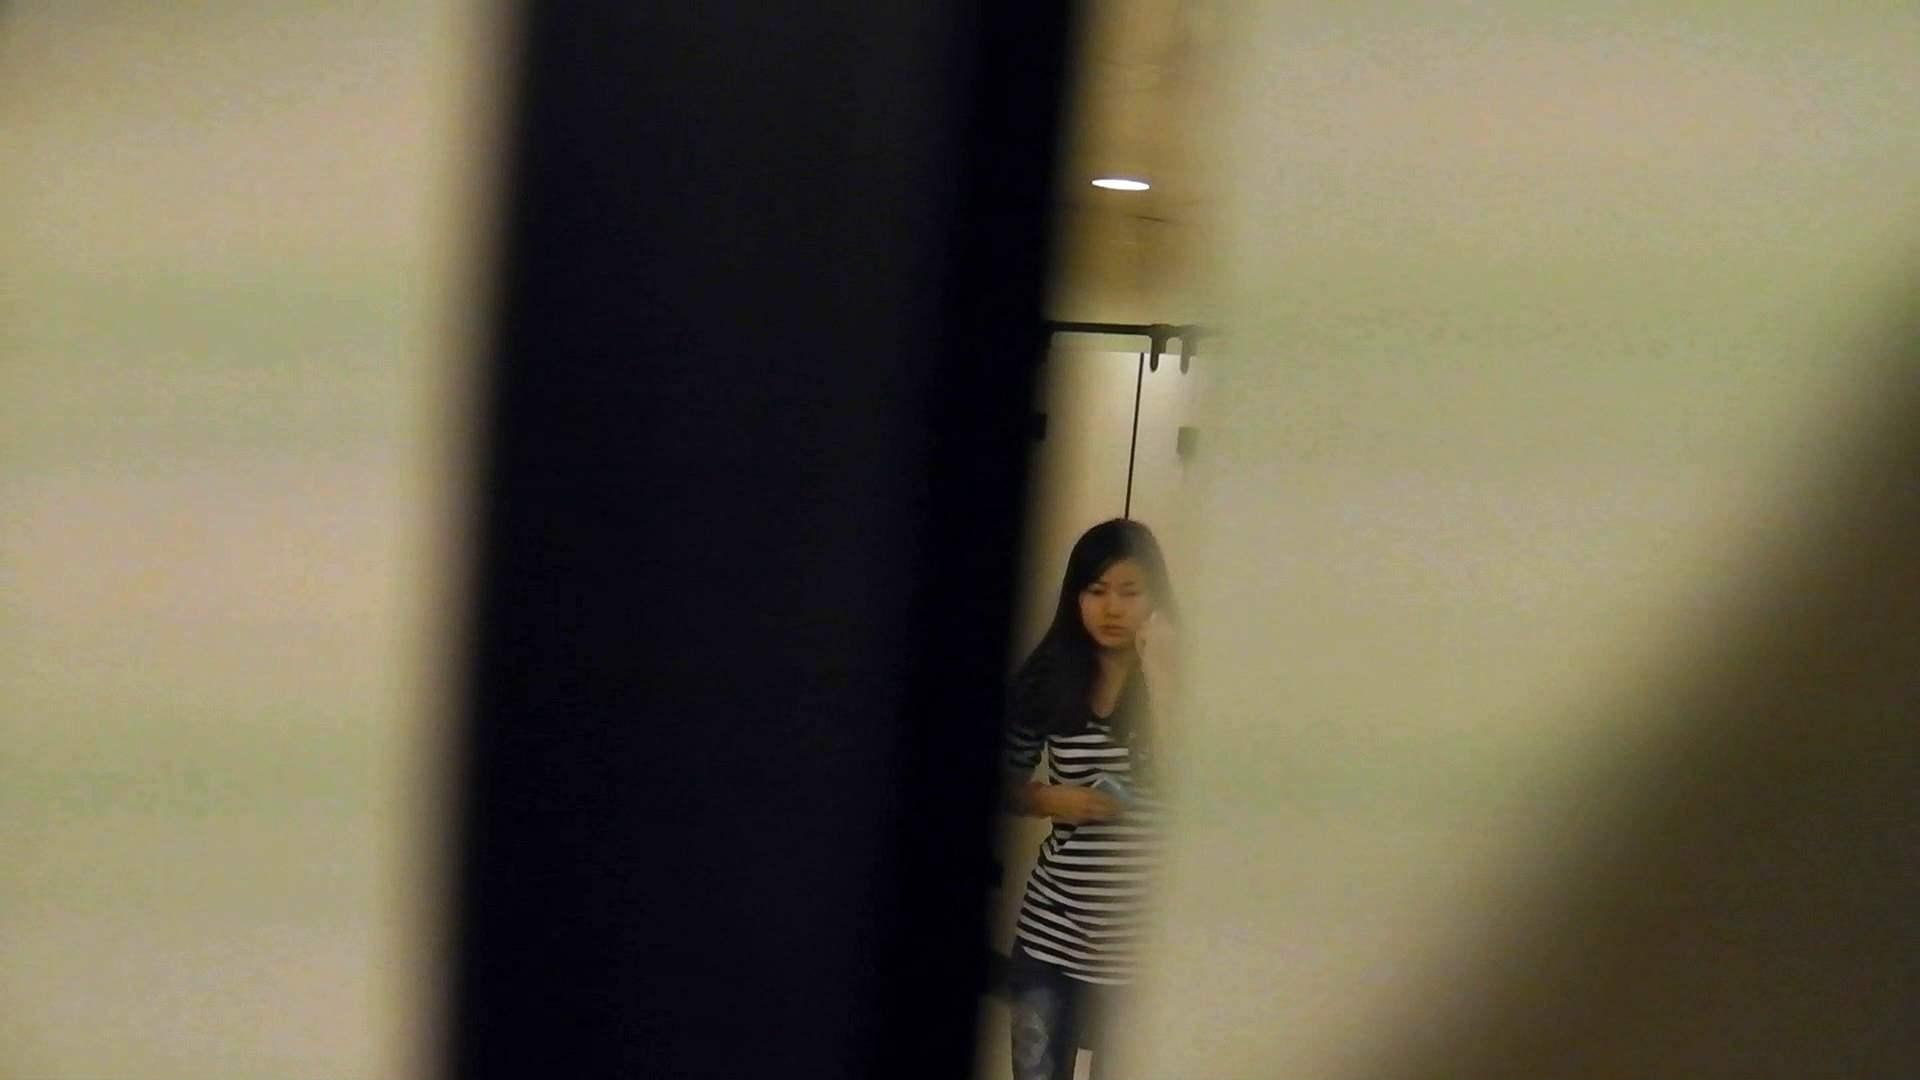 世界の射窓から vol.4 OL女体 | 0  104連発 21